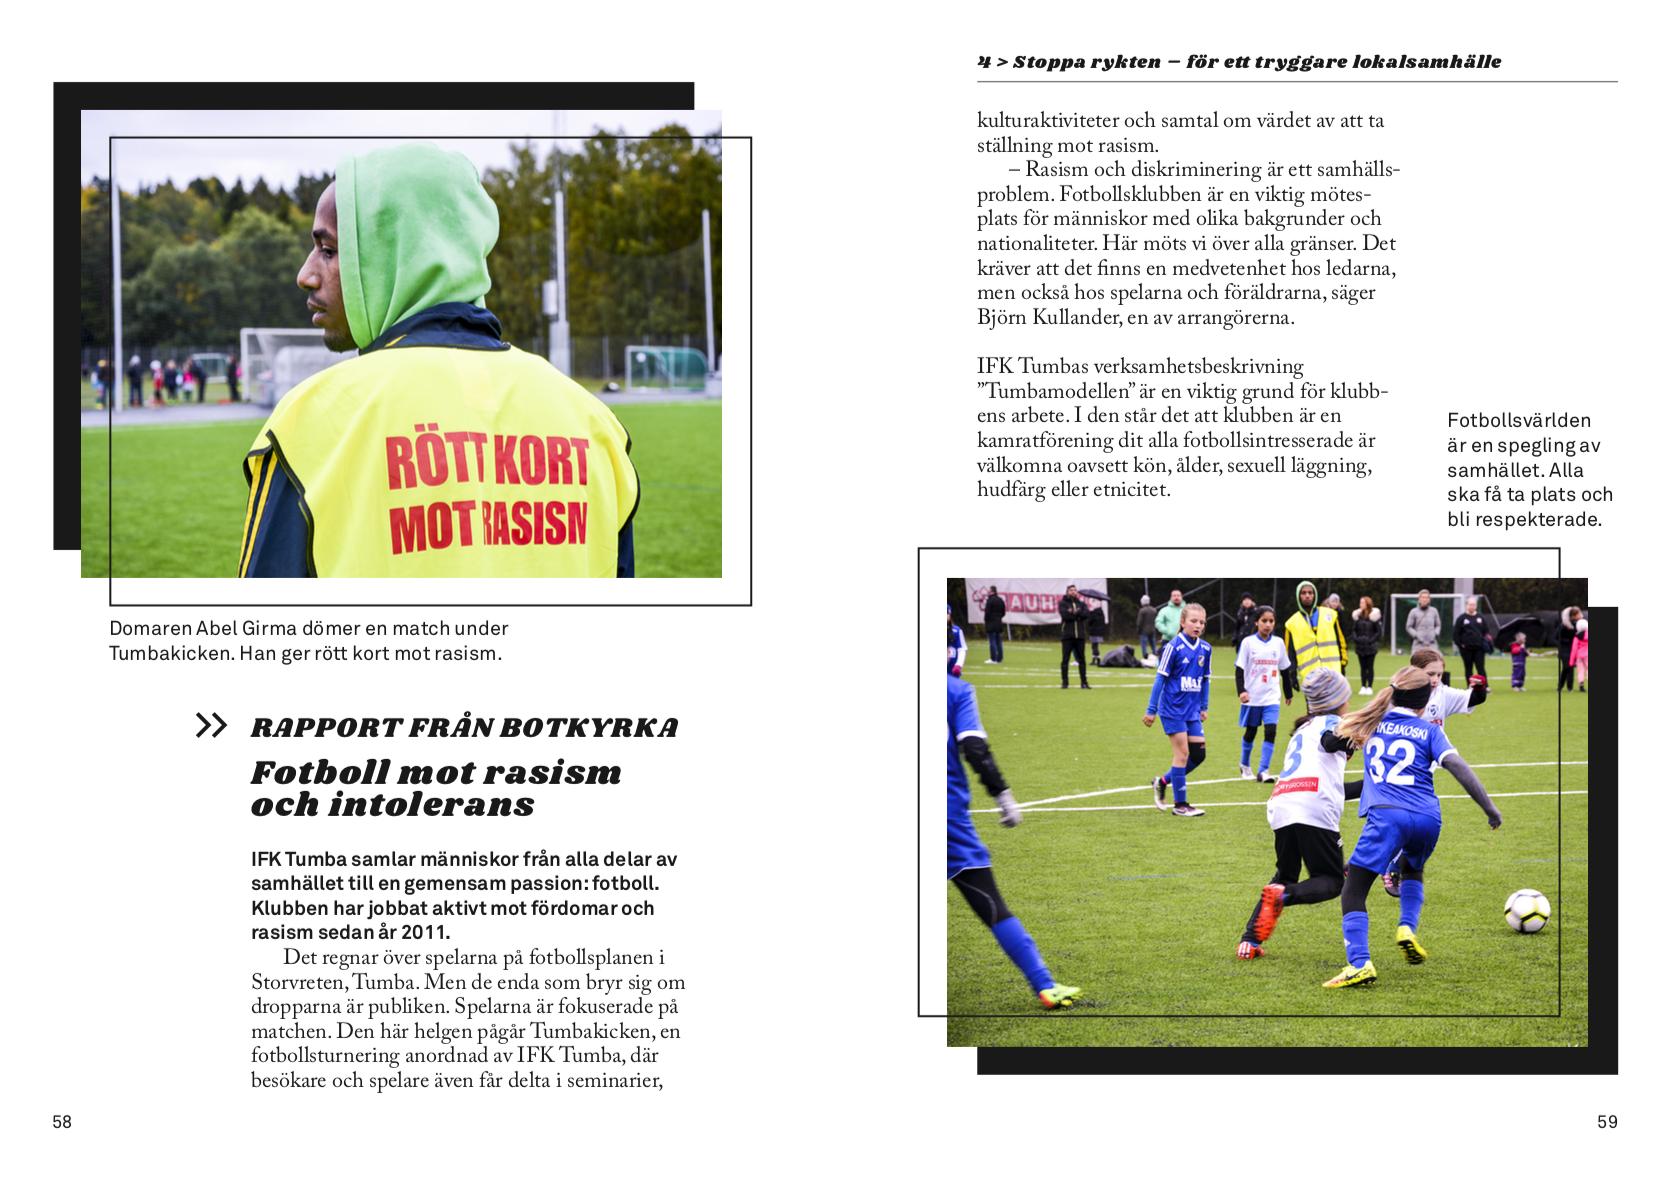 Intervju om Rött kort mot rasism med representanter för IFK Tumba